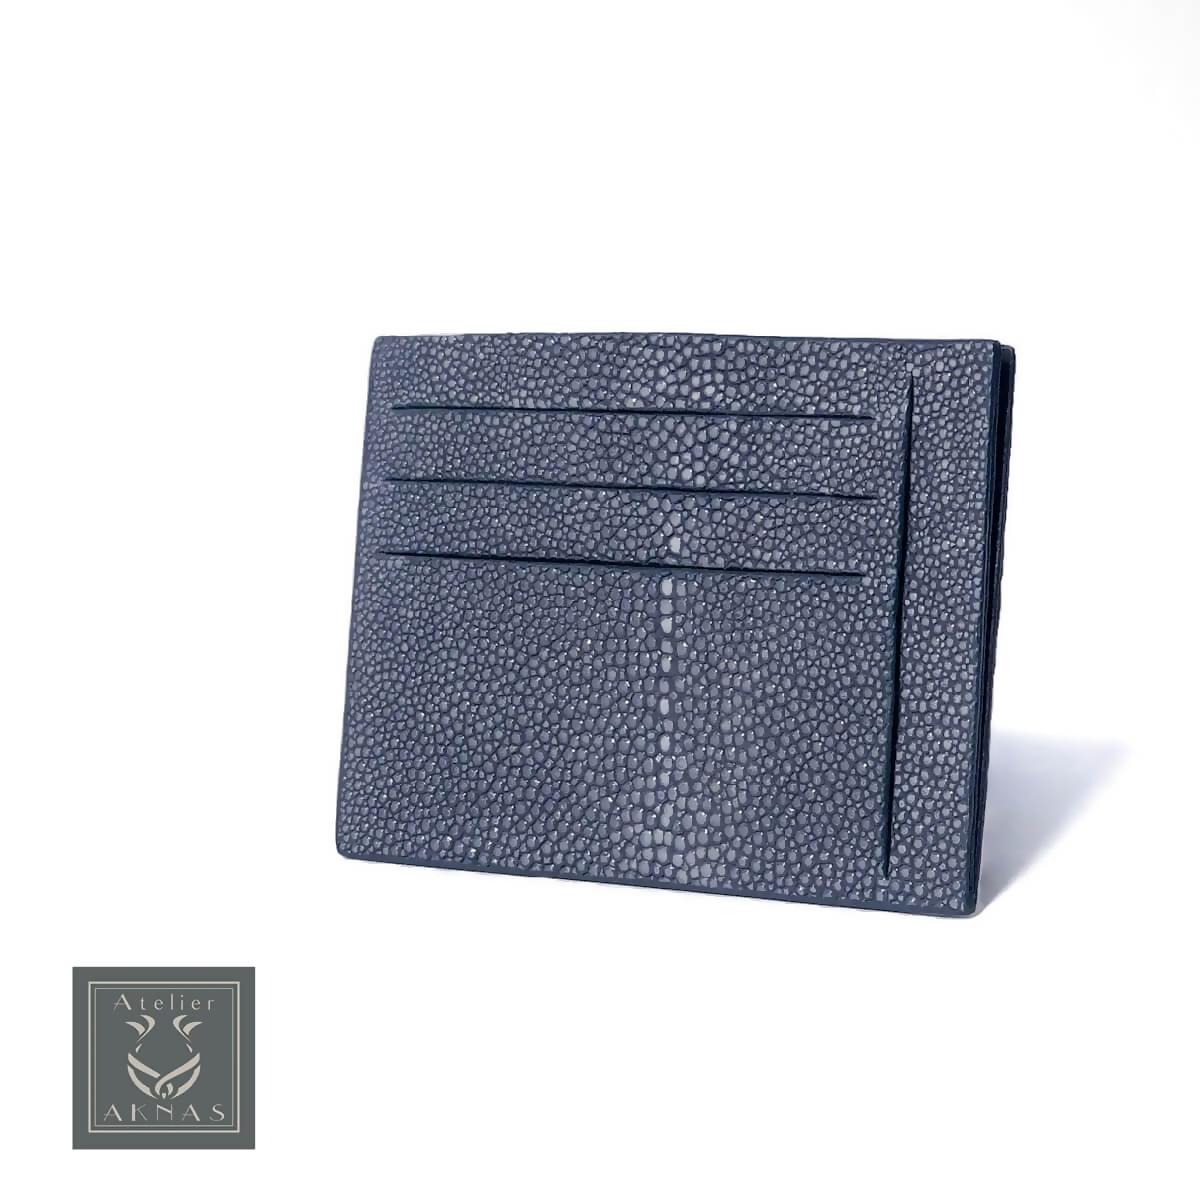 AKNAS (アクナス)カードケース ミニウォレット ミニ財布 ICケース 定期入れ エイ革 スティングレイ ガルーシャ エキゾチックレザー おしゃれ 高級 フランス タイ製